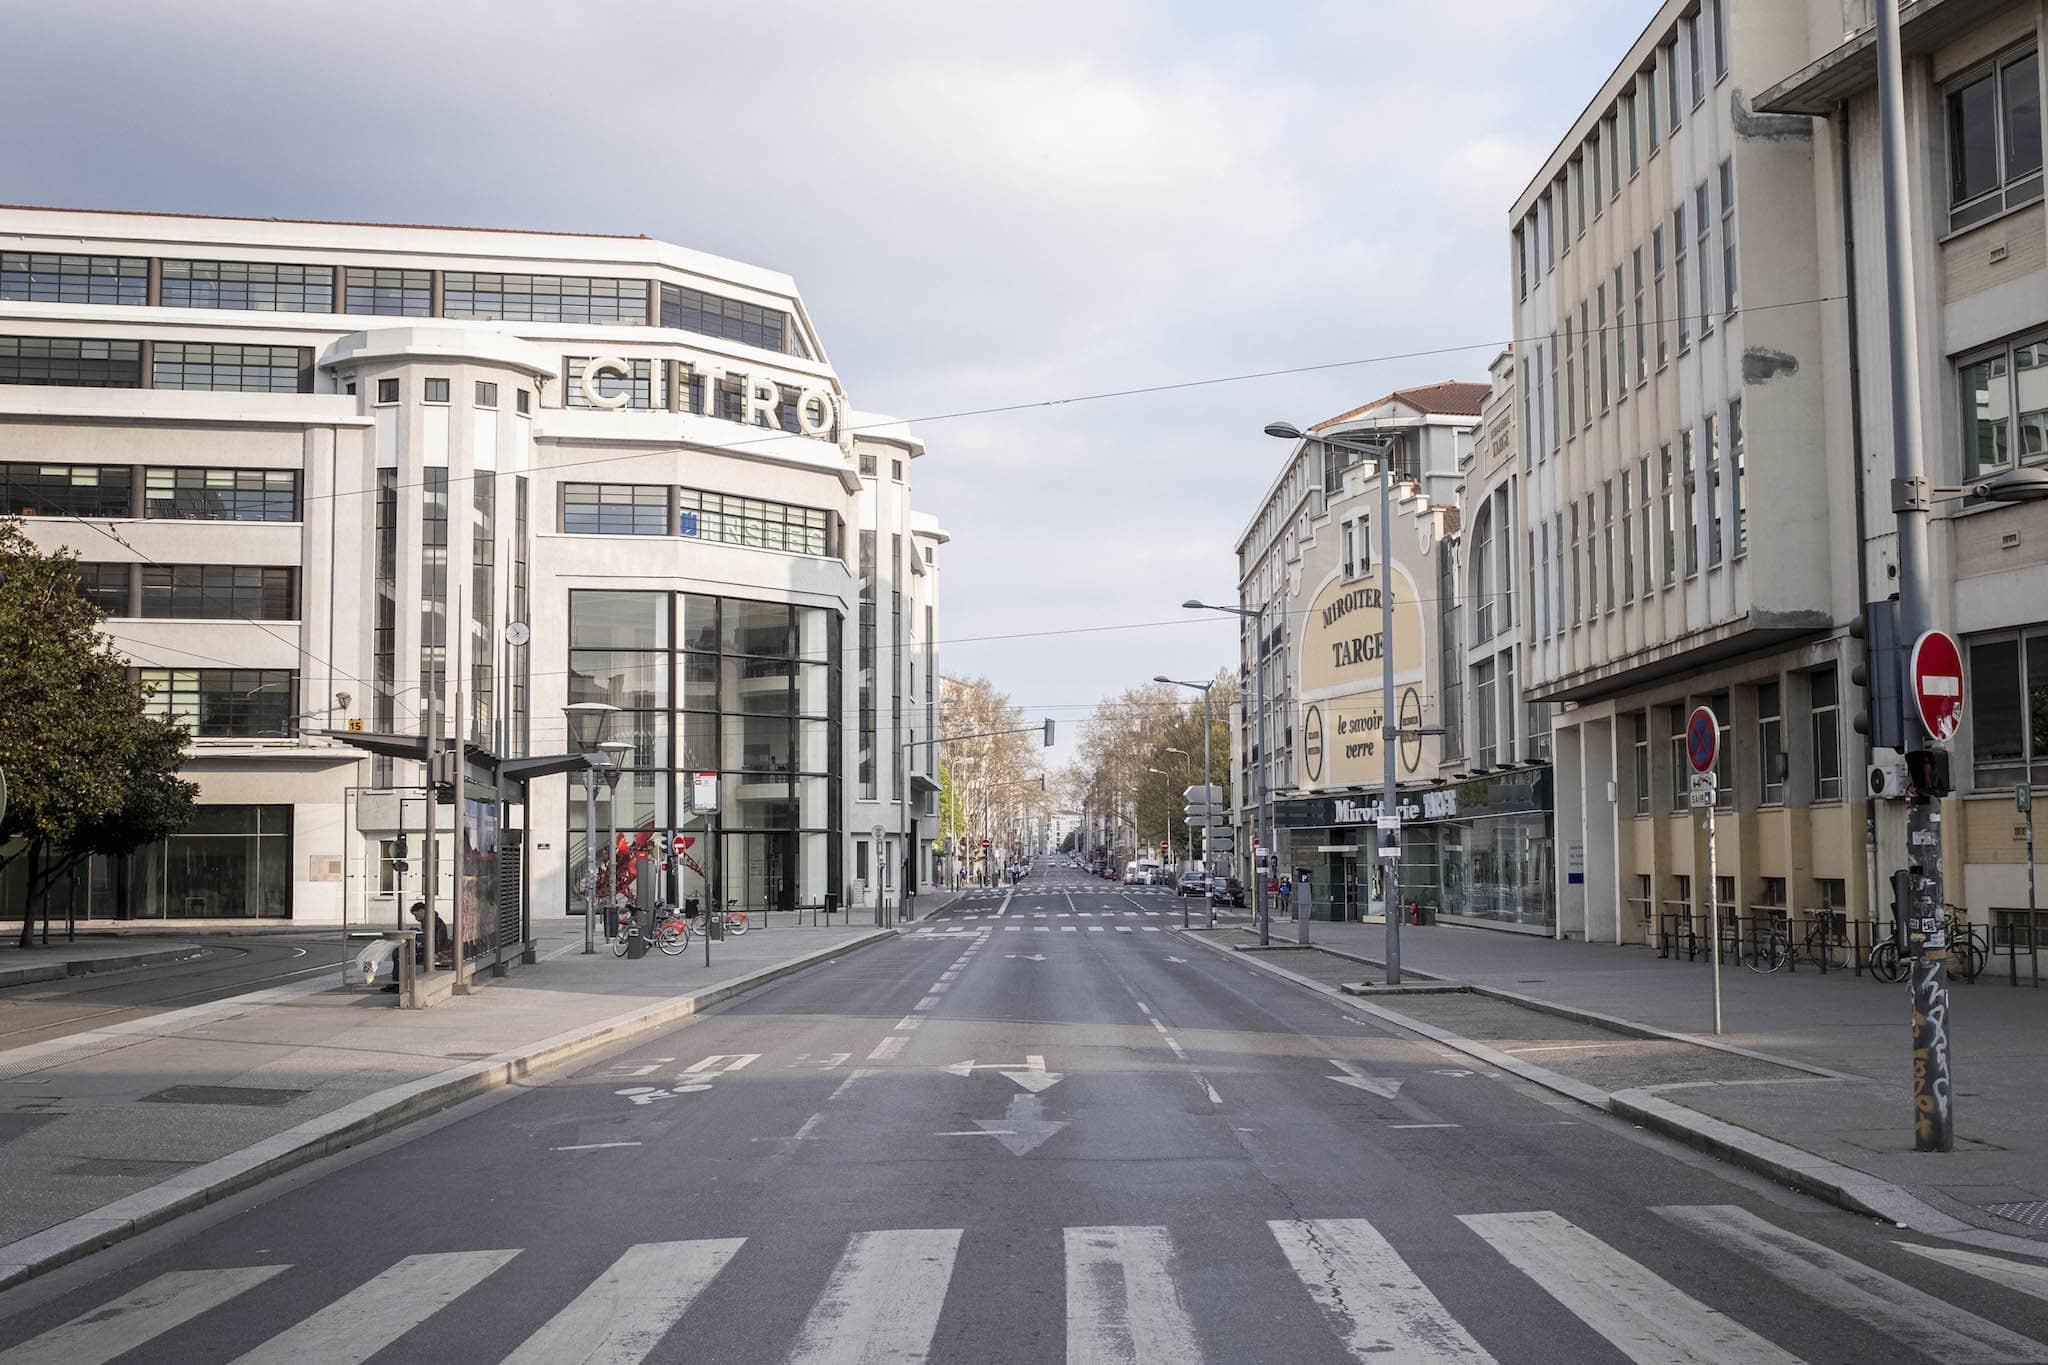 Lyon confinée - photos prises les 21 et 22 mars ©Adrien Pinon pour l'Ecole urbaine de Lyon